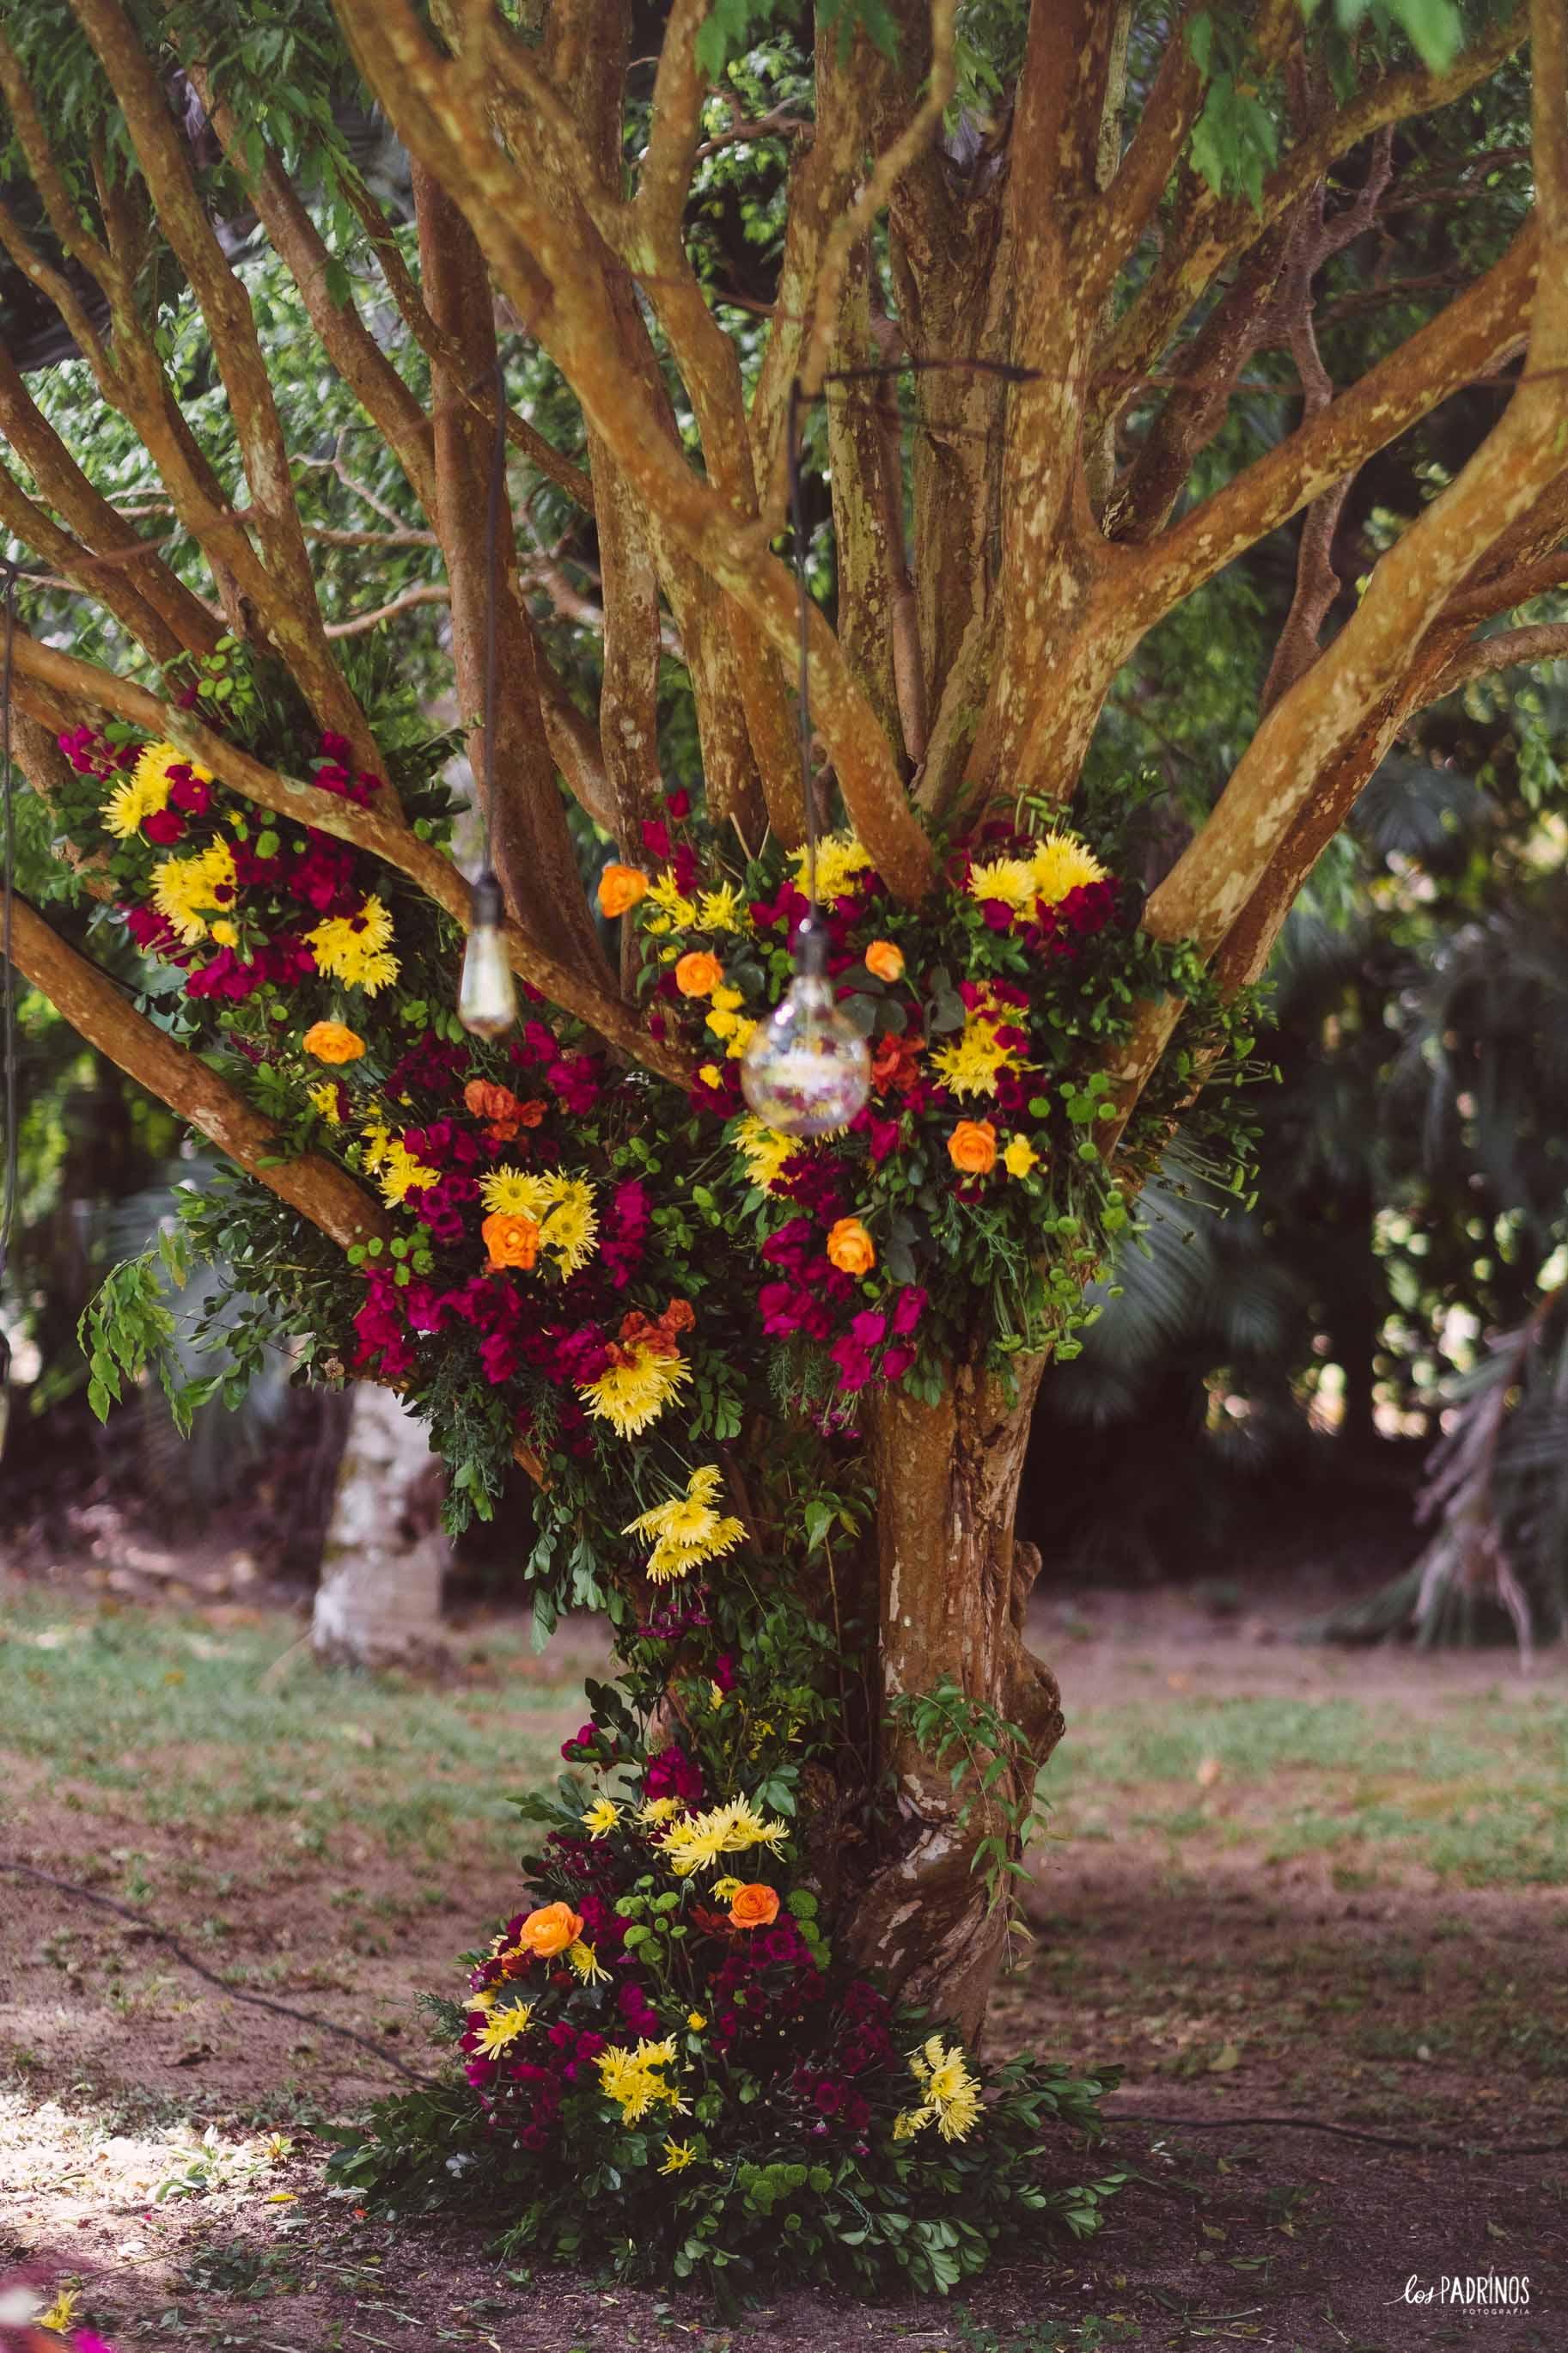 los-padrinos-fotografia-casamento-espaco-arcadia-soraia-roberto-renata-mario_0176.jpg